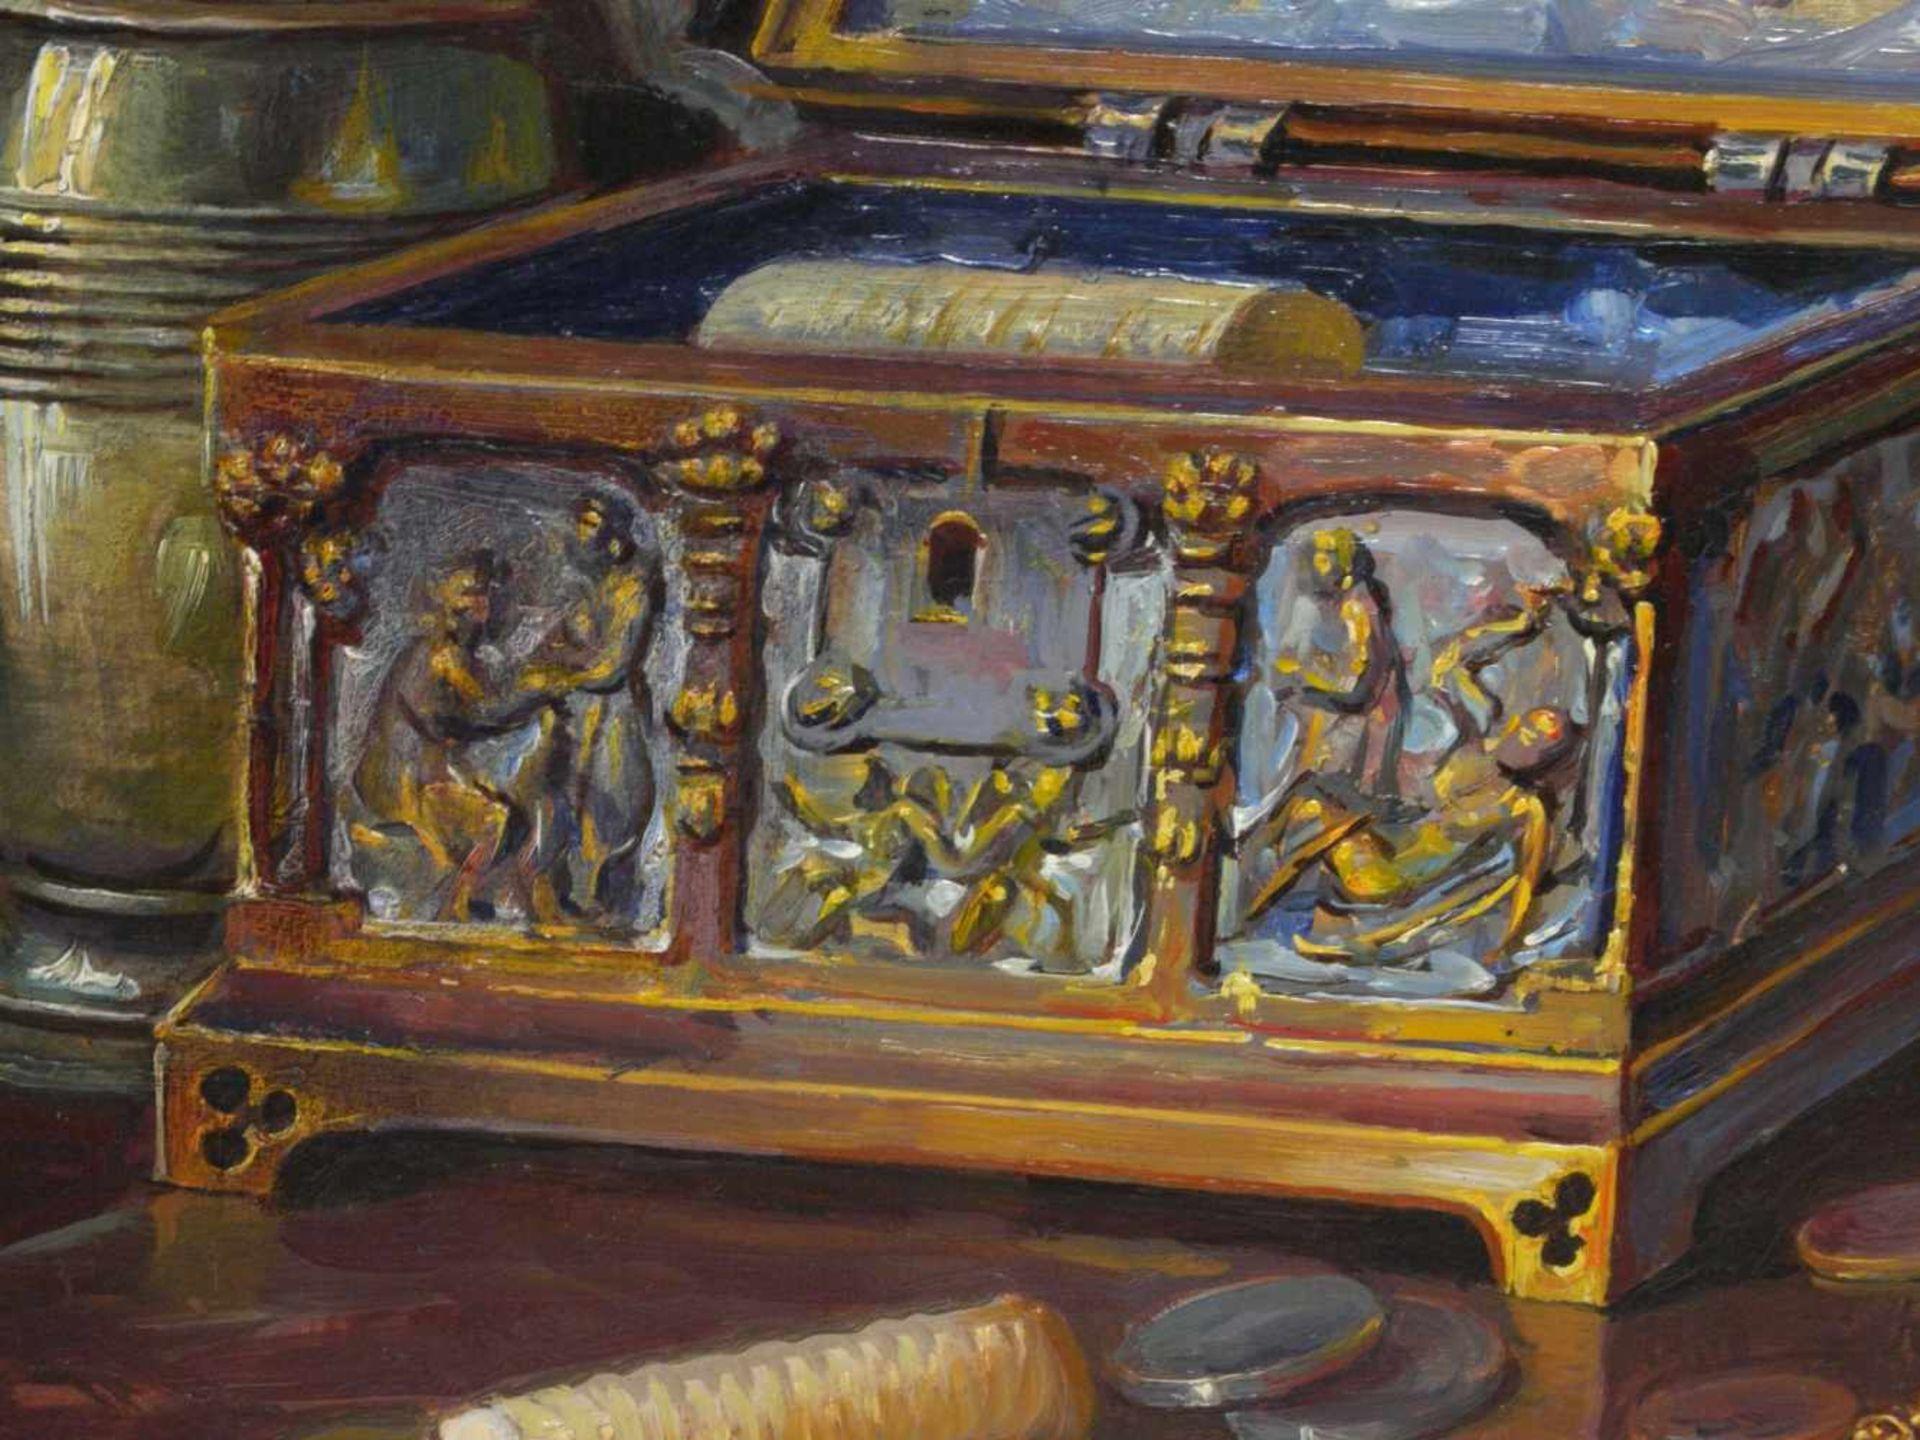 Kugler, Heinrich (1888- ca. 1946) - Symbolträchtiges Stillleben NürnbergGroßformatiges Gemälde in Öl - Bild 7 aus 8